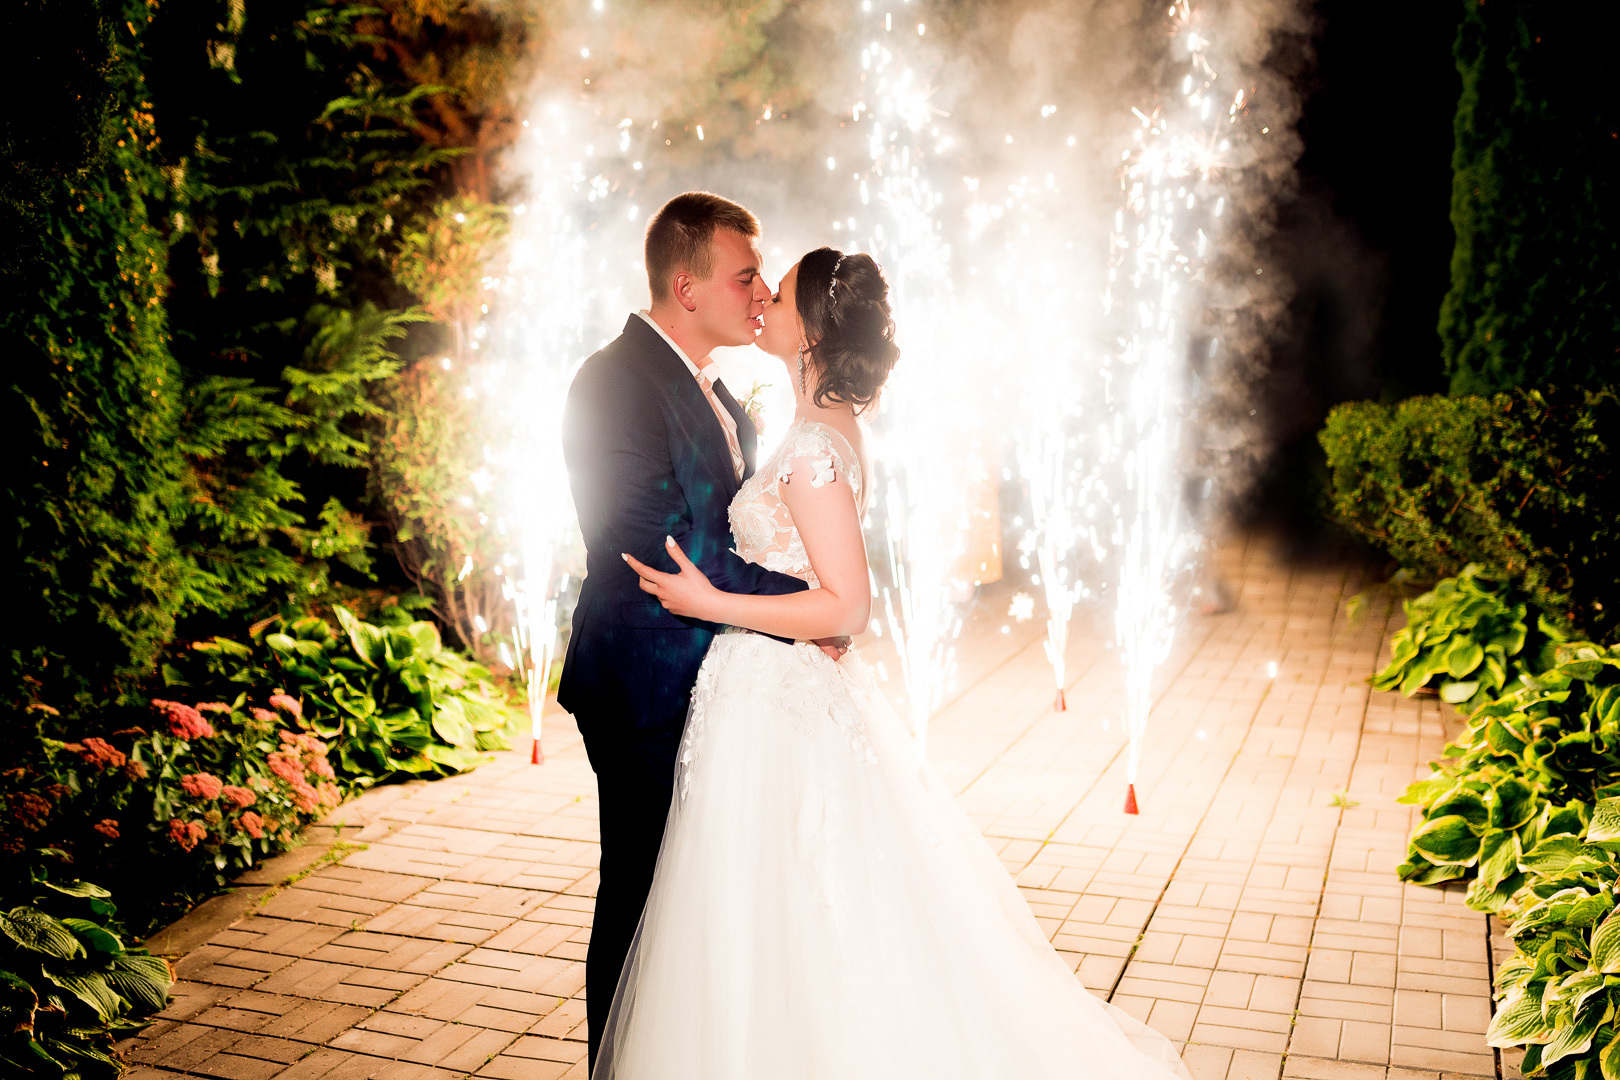 Свадебные фотографы киселева витебск